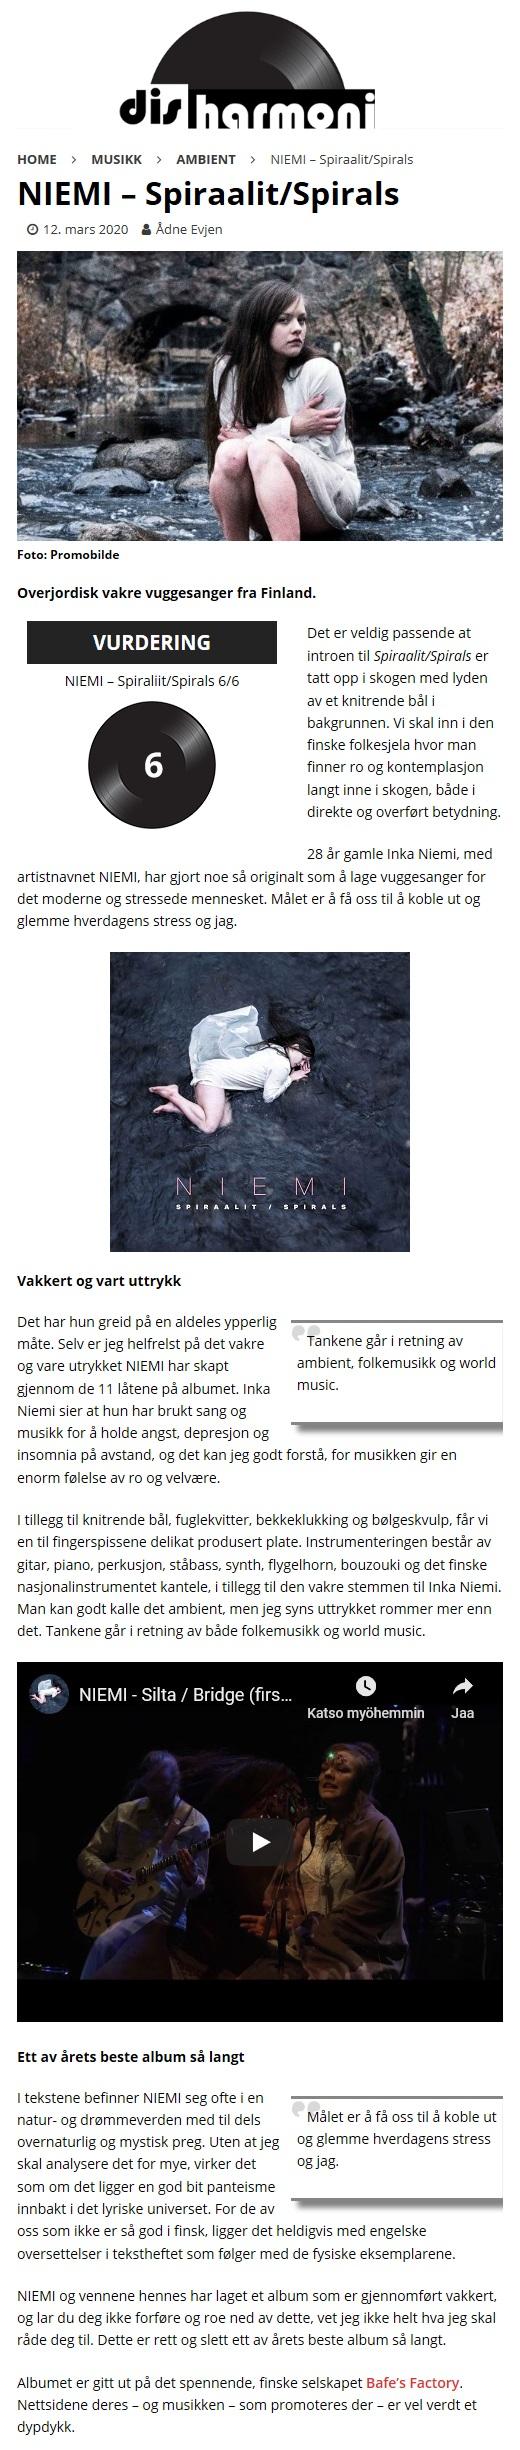 disharmoni, (Norway), 12.3.2020